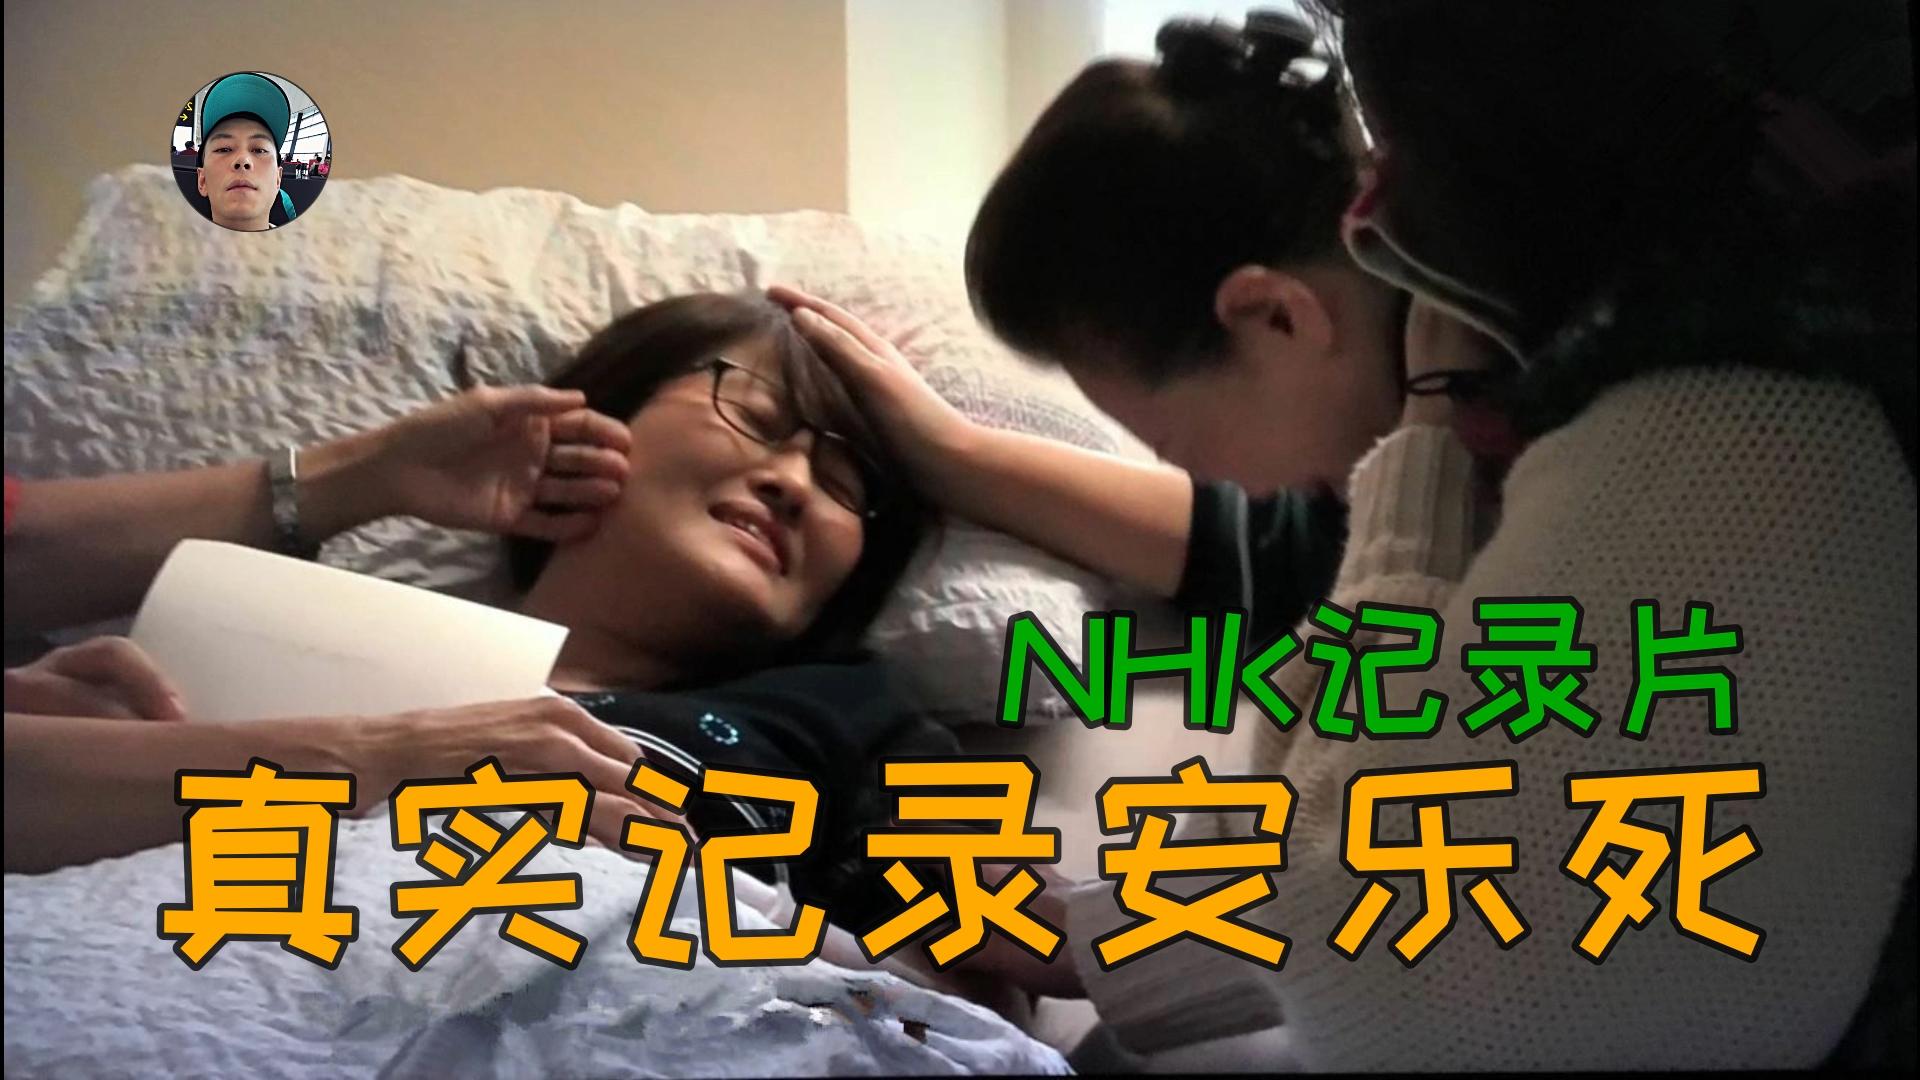 51岁日本女生含泪道别,亲手按下安乐死开关!NHK纪录片